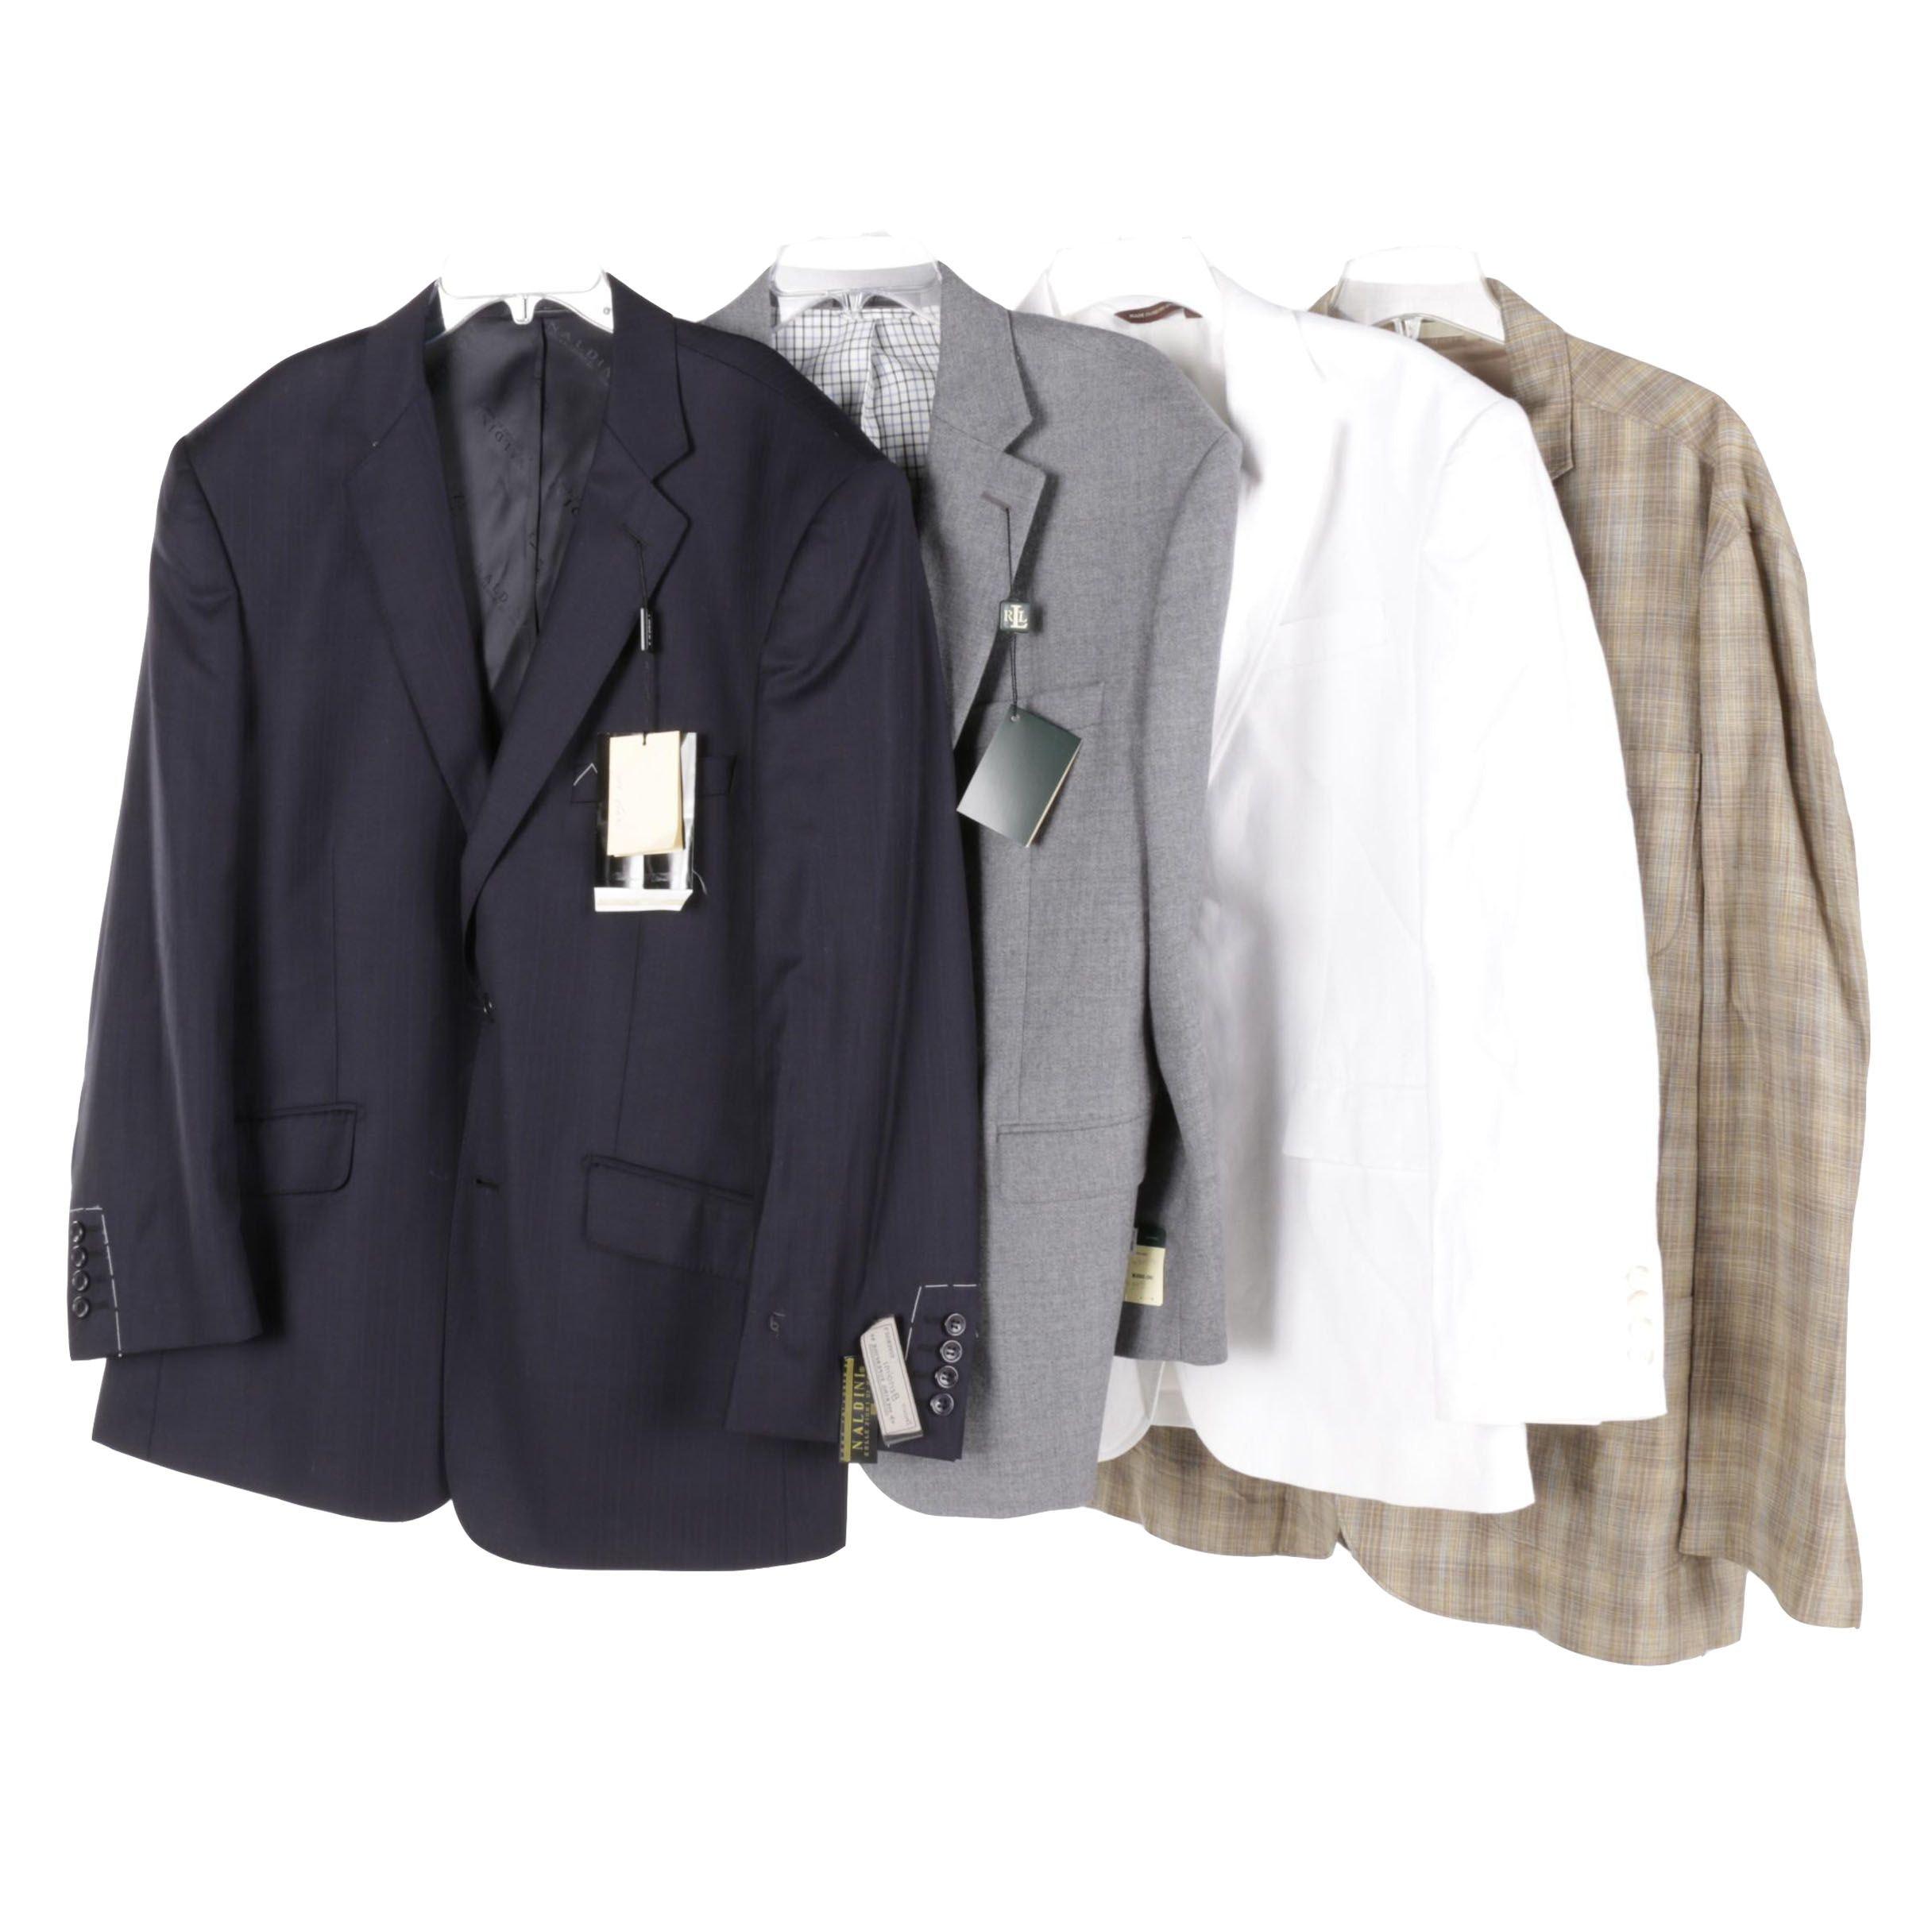 Four Men's Jackets